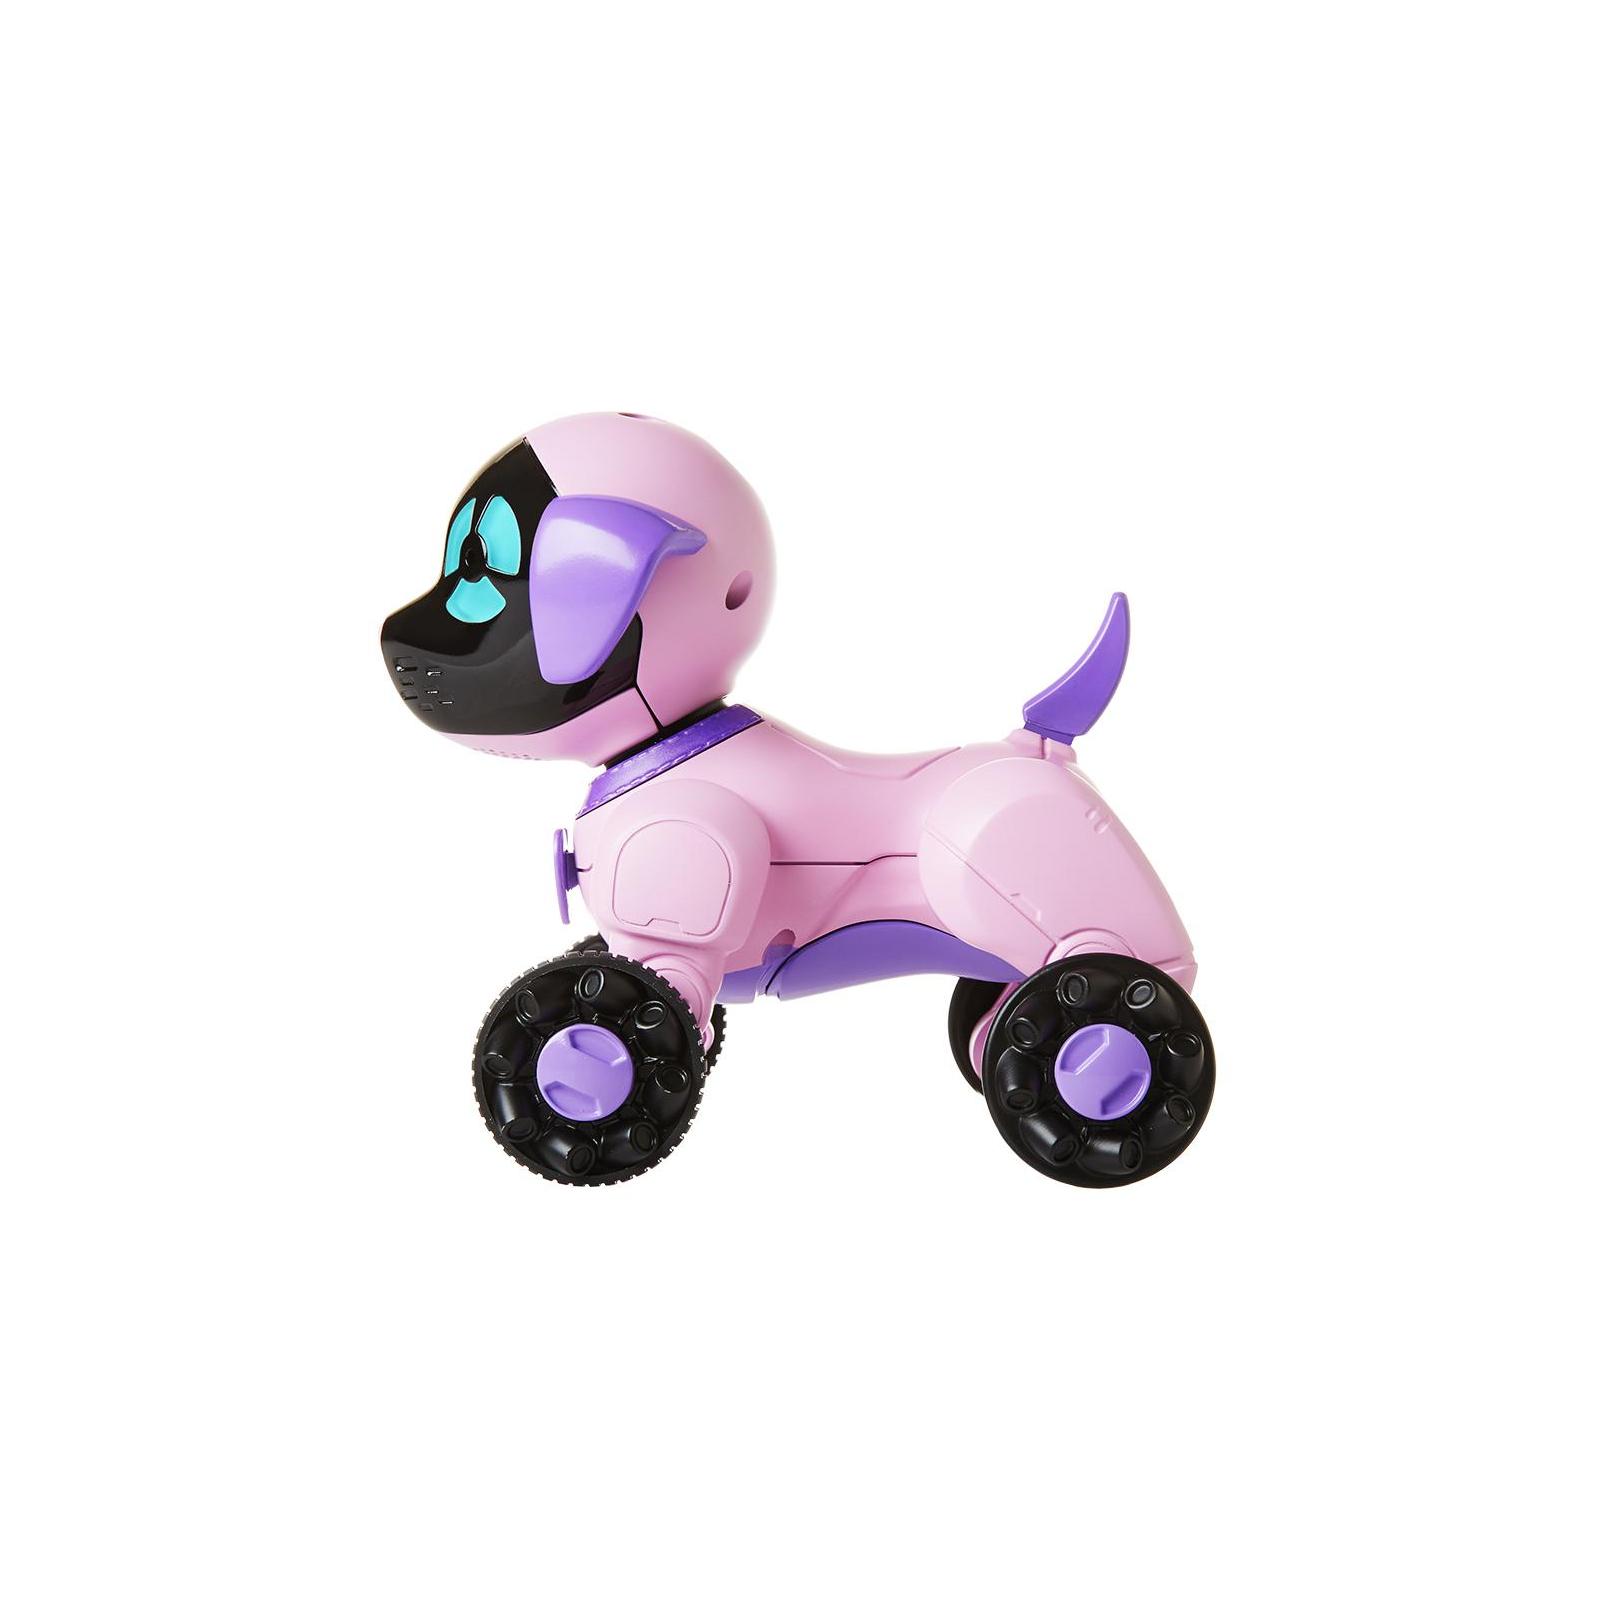 Интерактивная игрушка WowWee Маленький щенок Чип розовый (W2804/3817) изображение 4